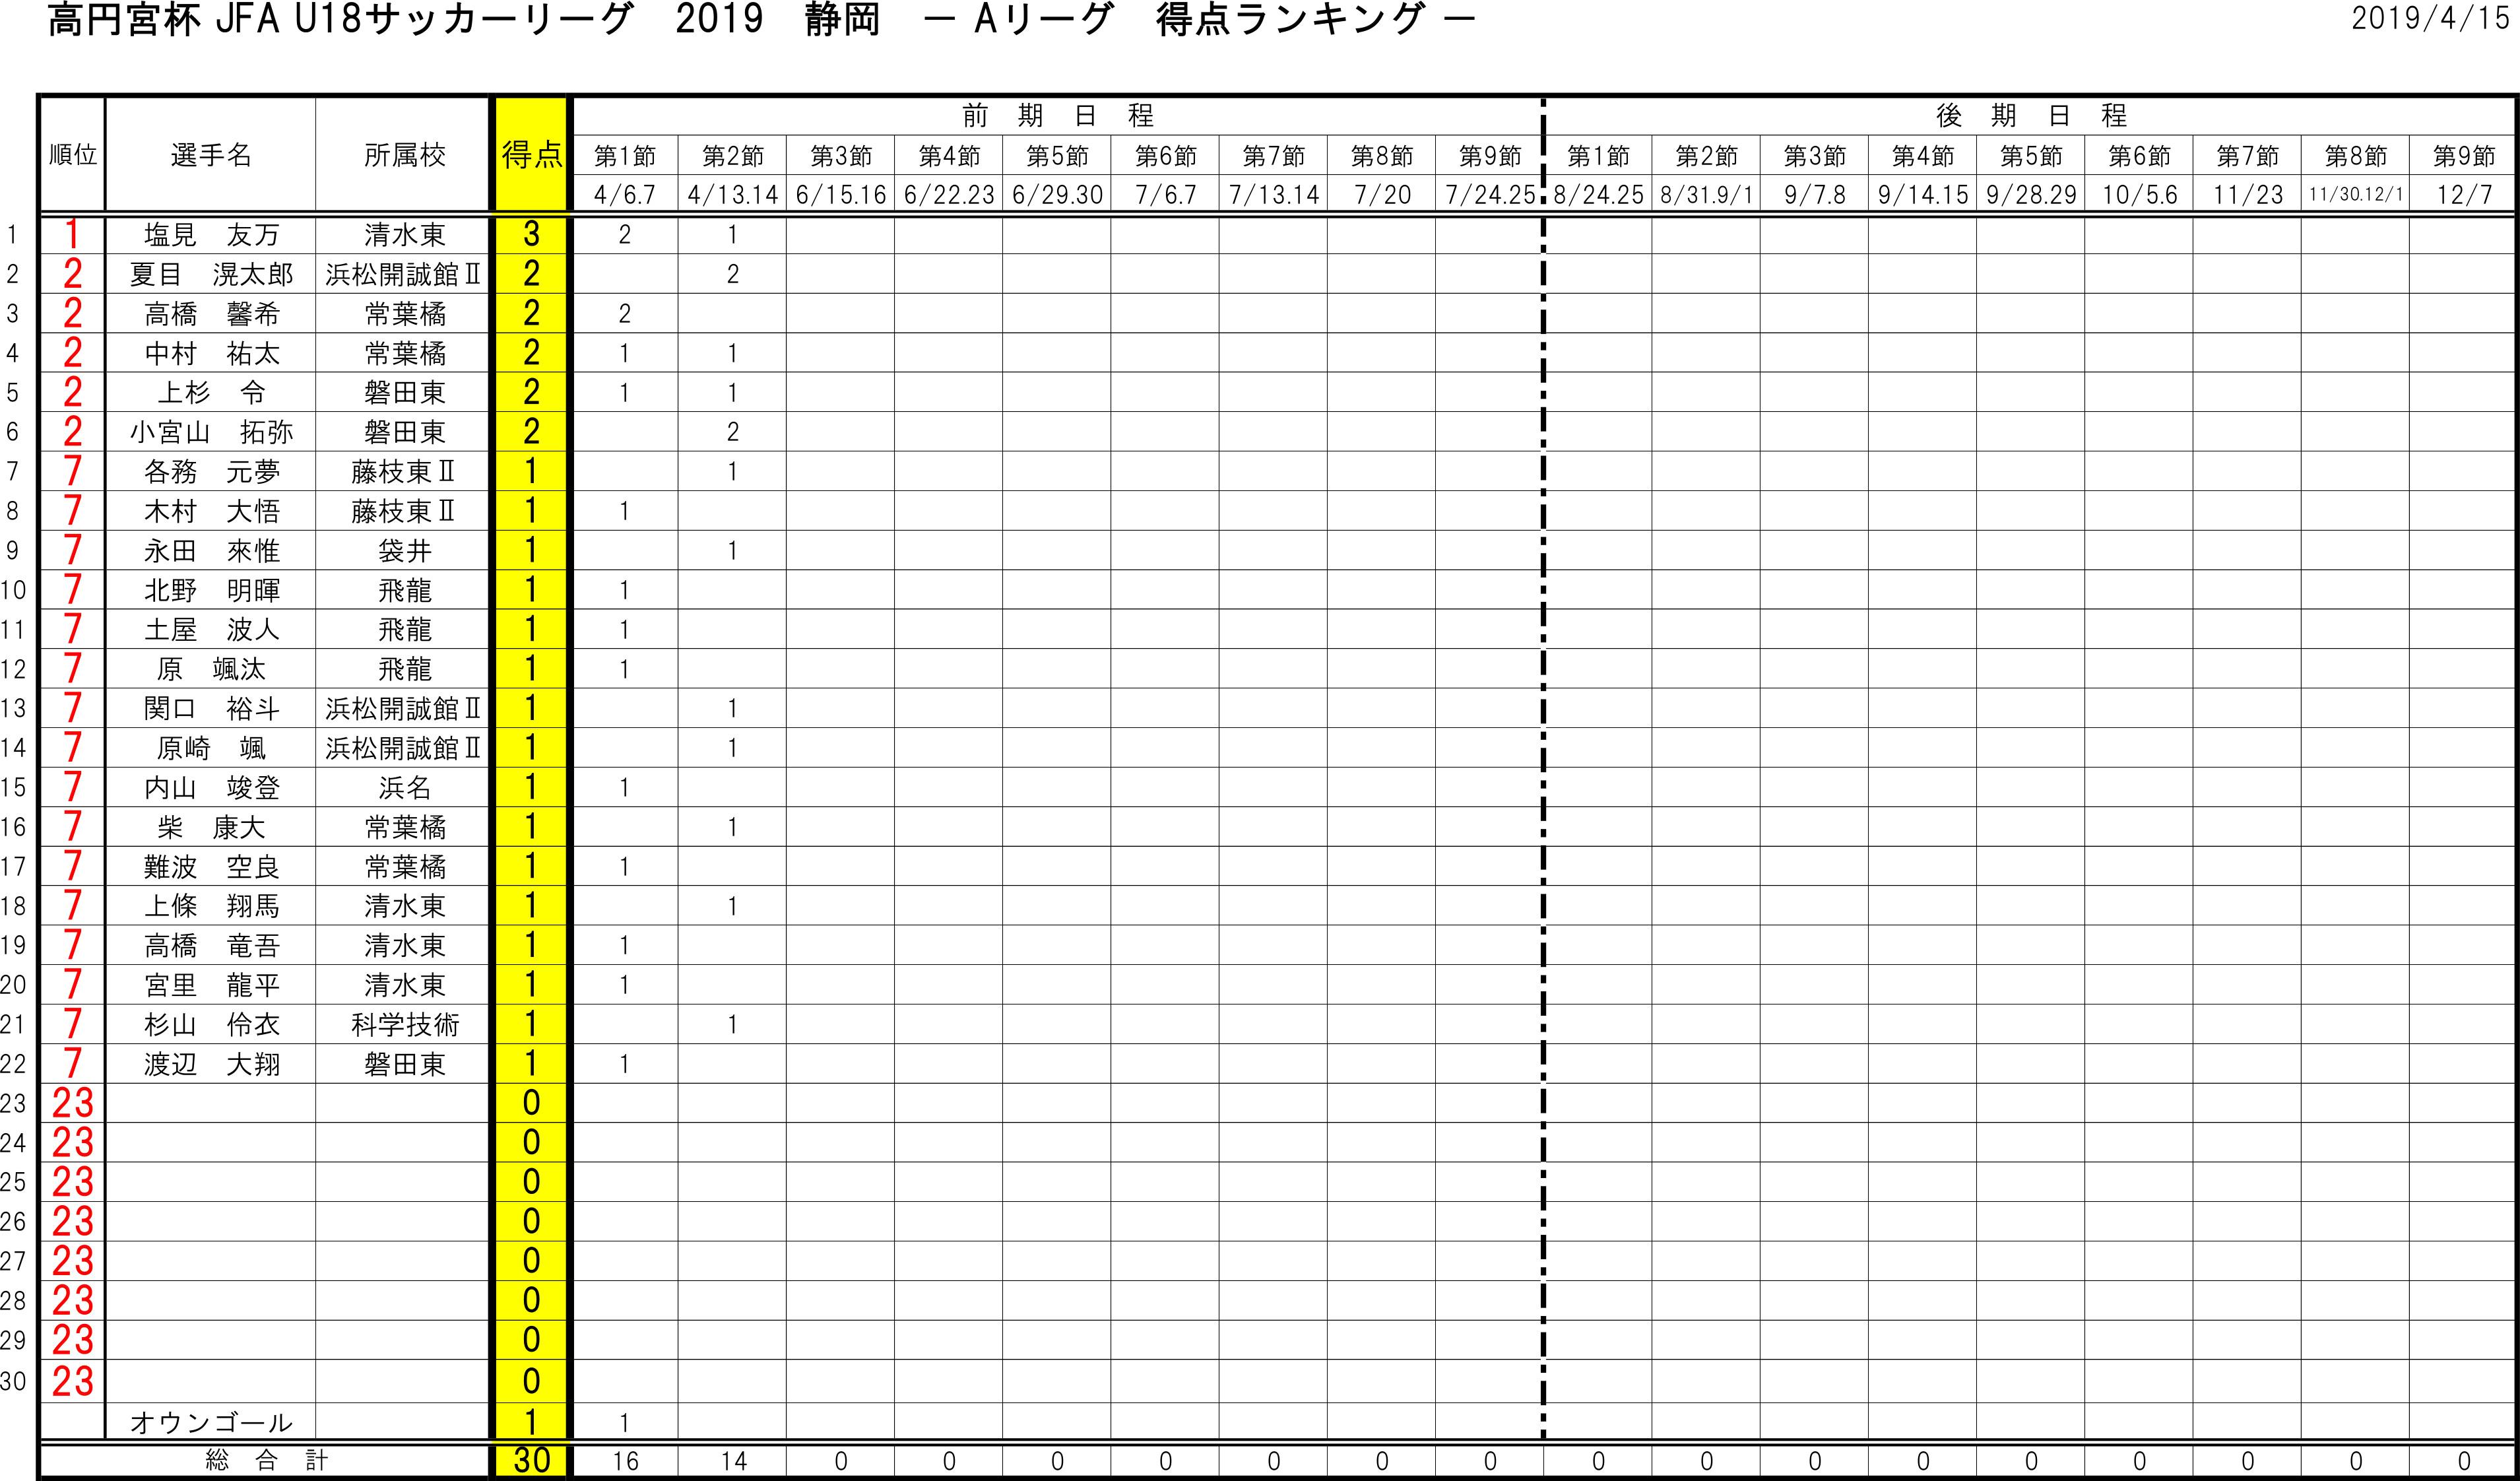 高円宮杯 JFA U-18サッカーリーグ2019 静岡 得点ランキング トーナメント表